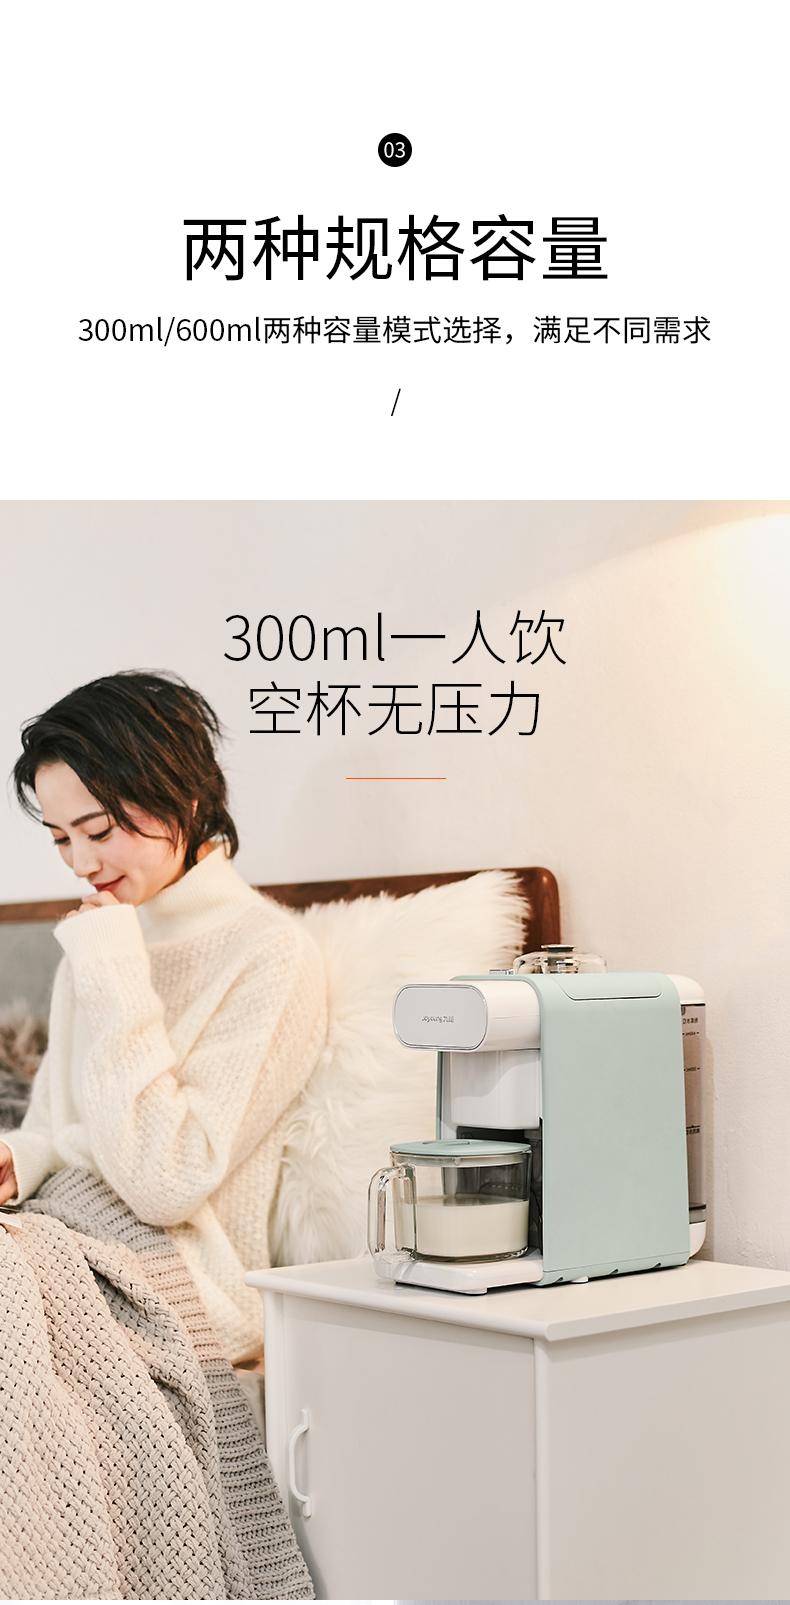 九阳 K迷你 全自动免洗豆浆机 图10